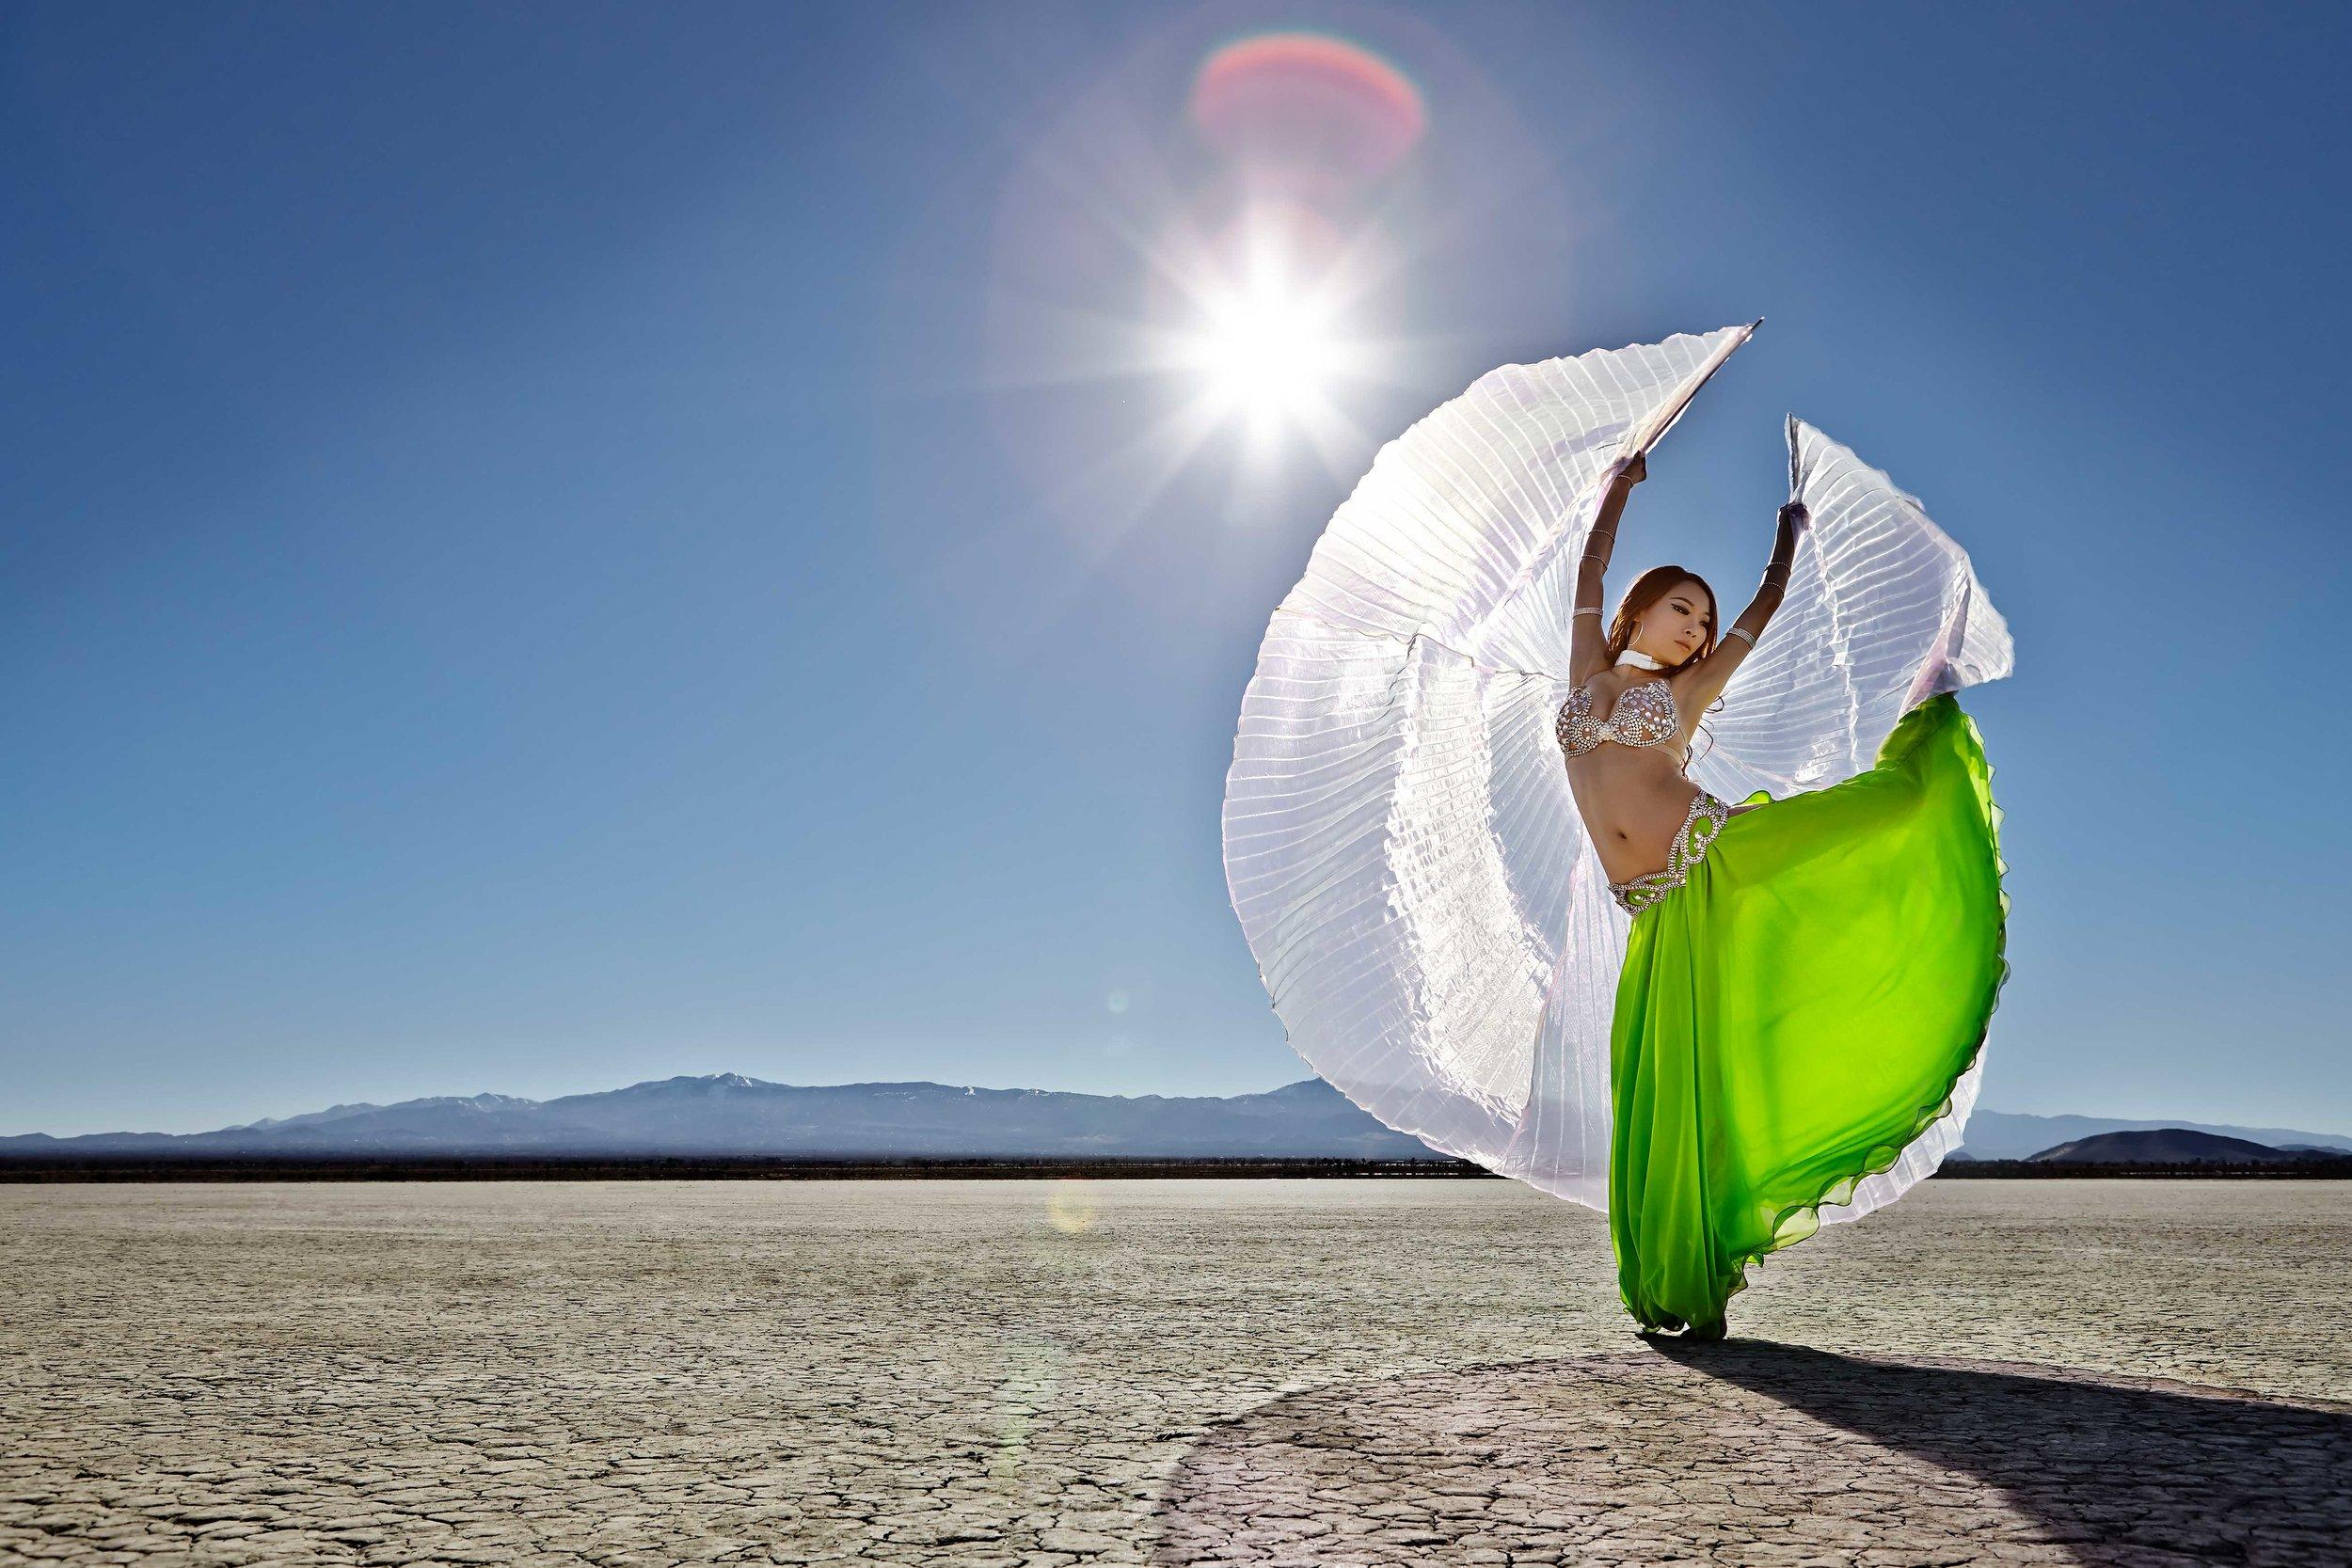 sophia-desert-sun-green-jump.jpg